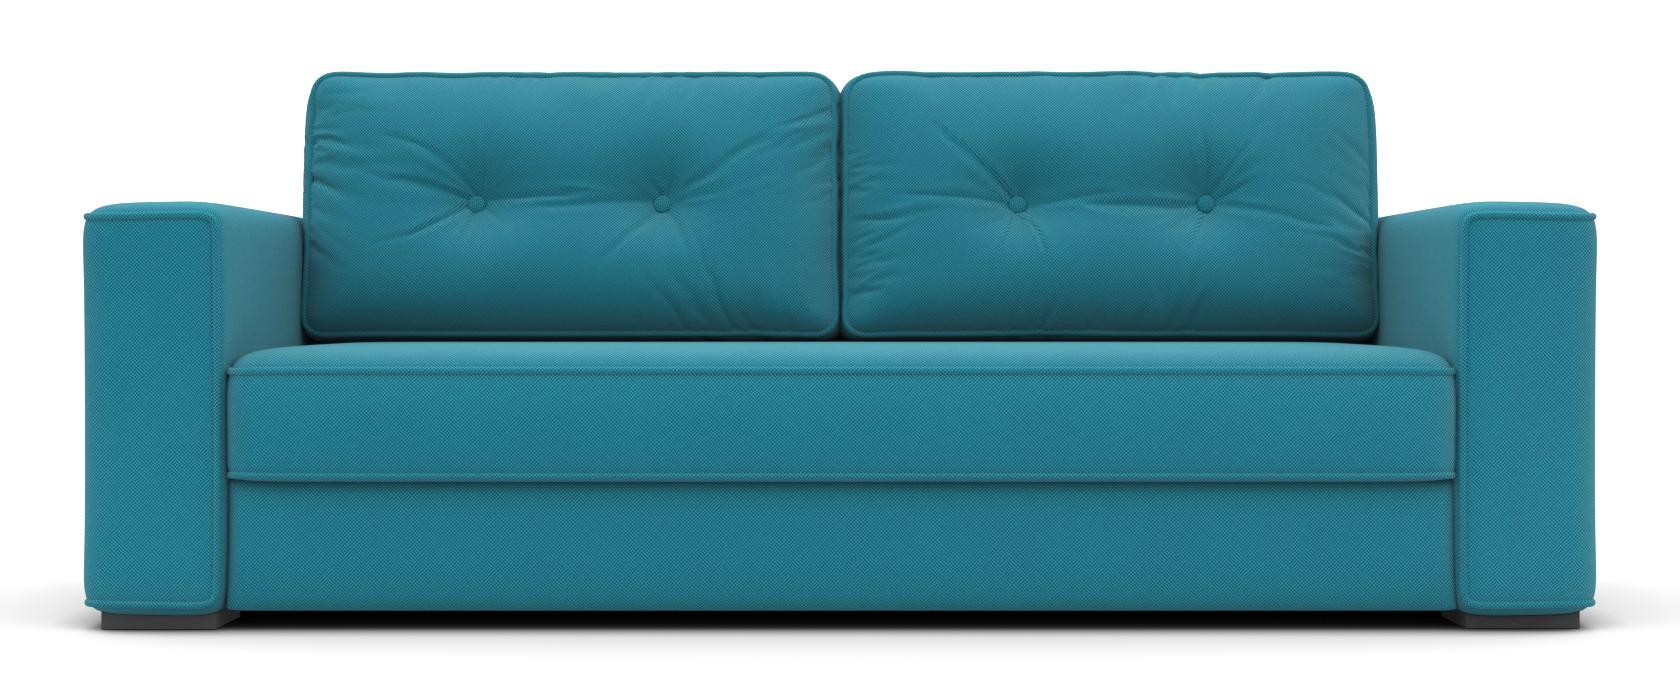 Трехместный диван Silvio